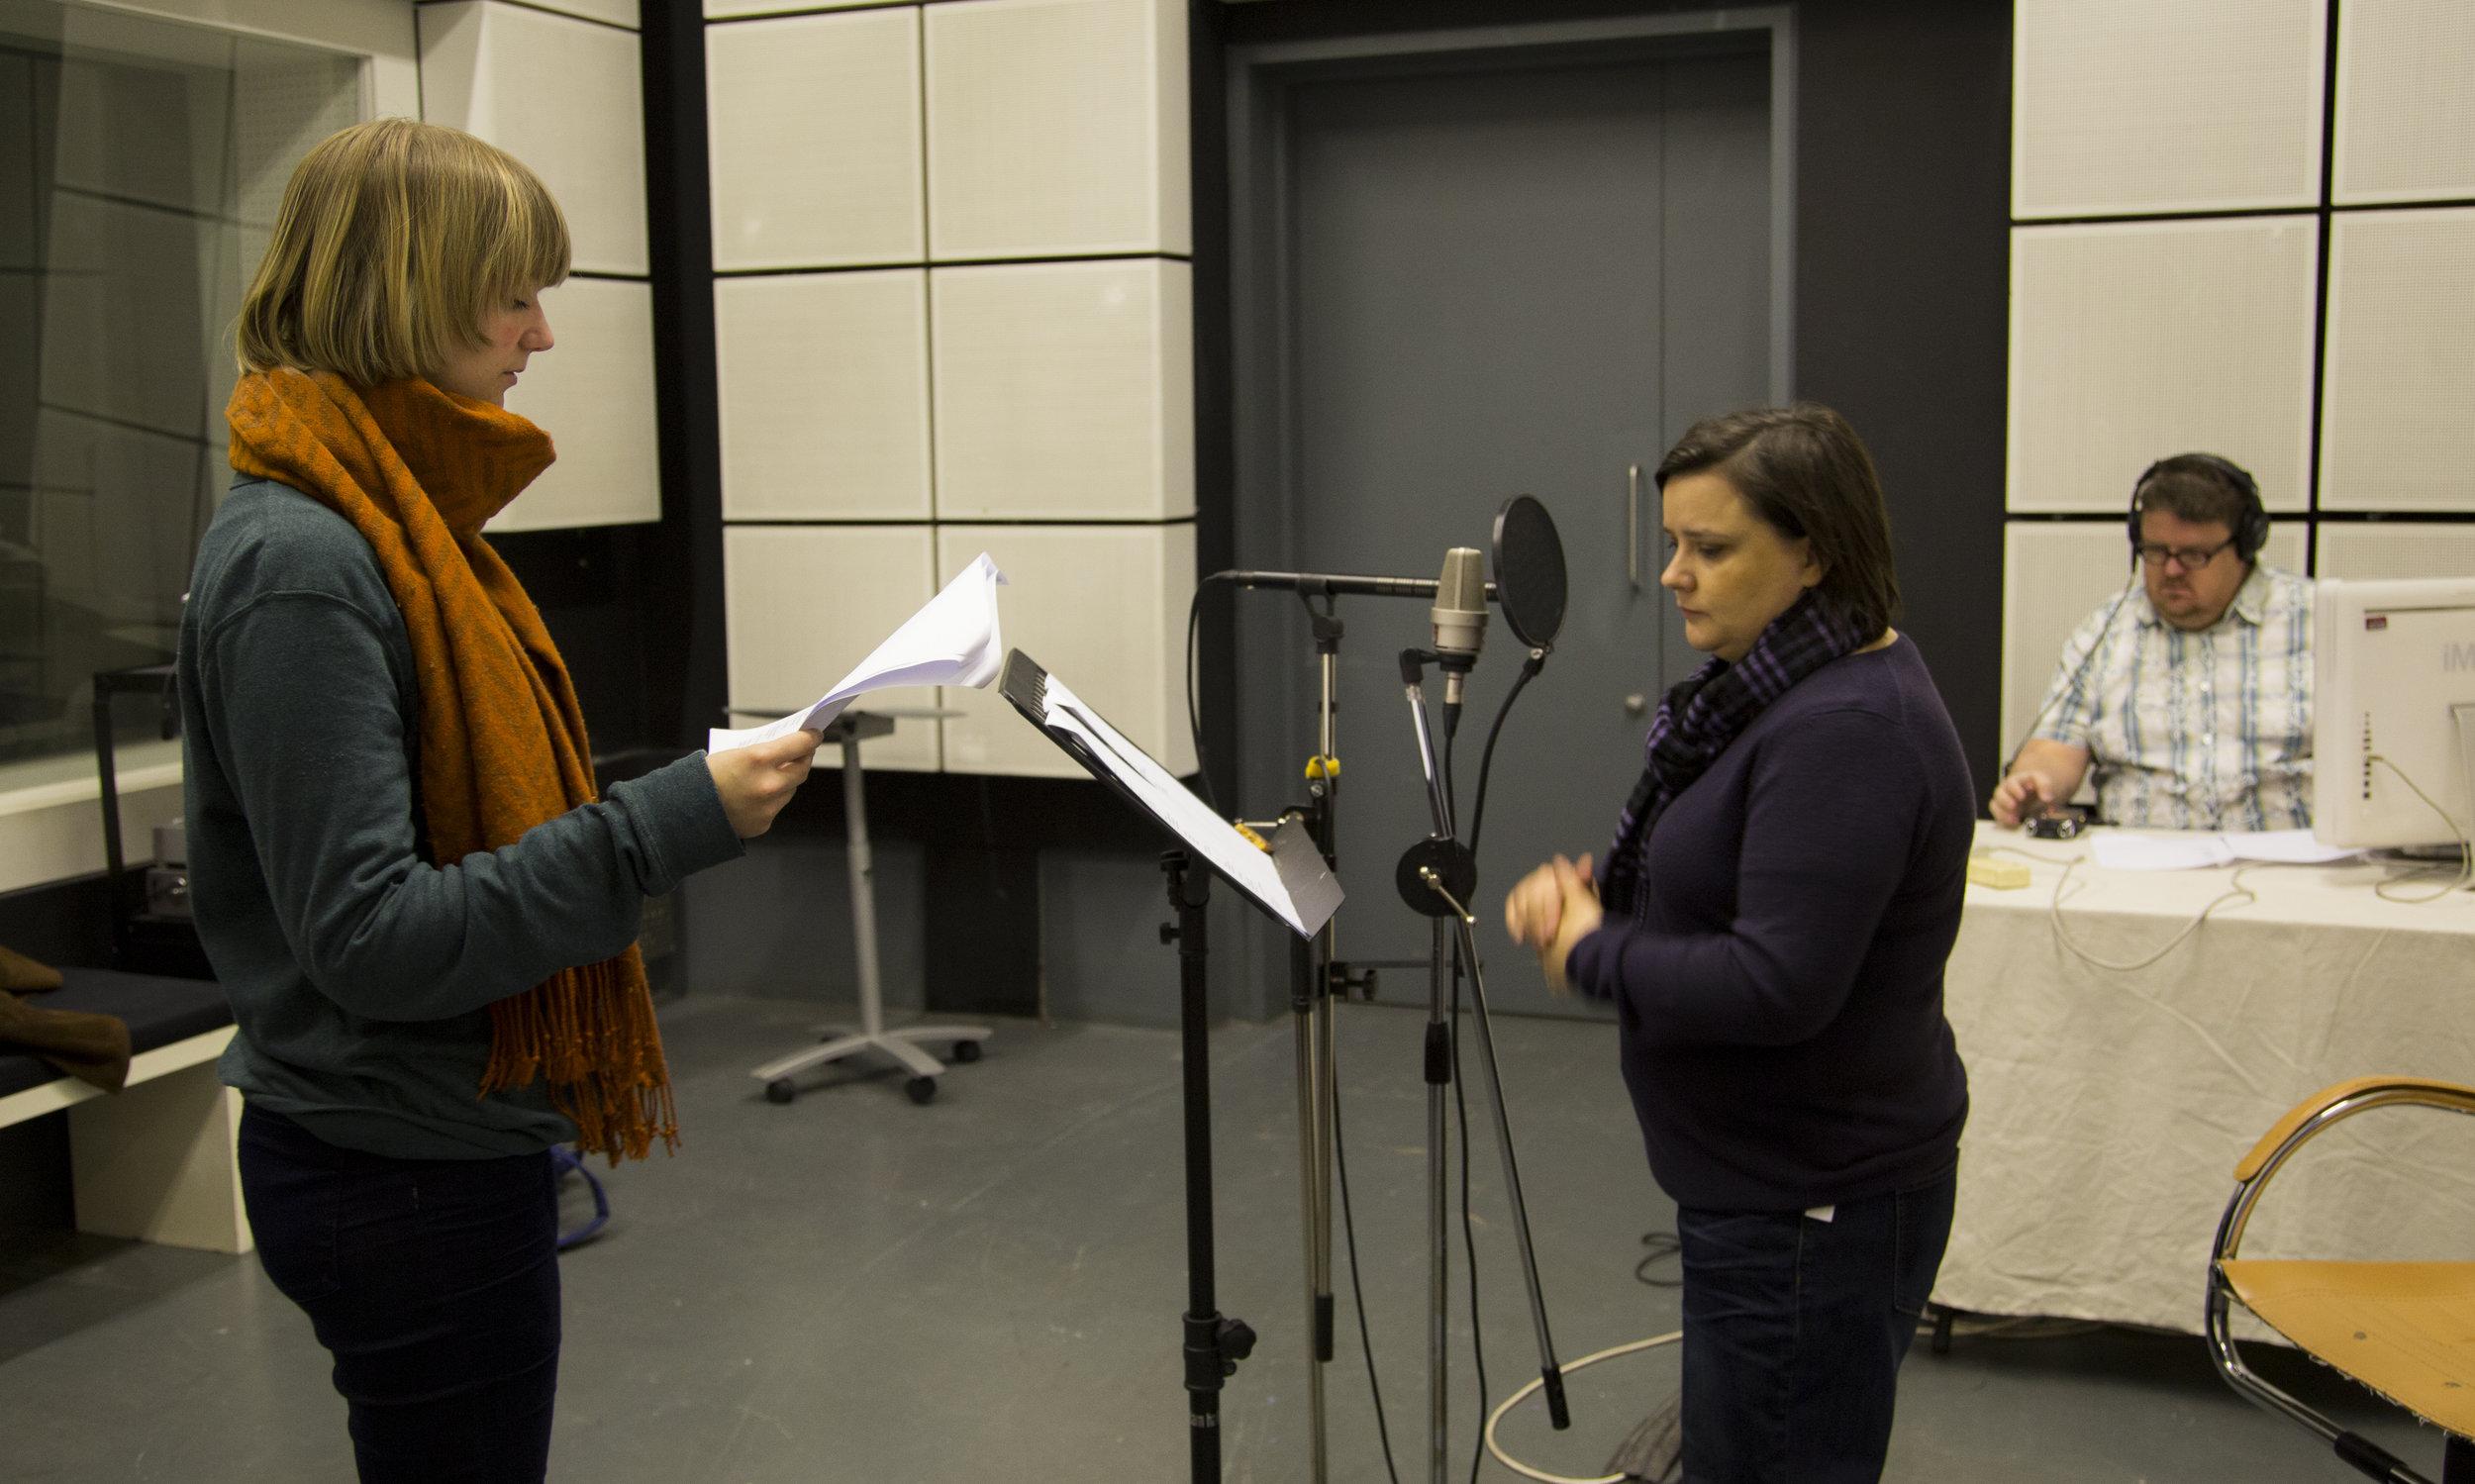 Recording the voice over with Susan Calman